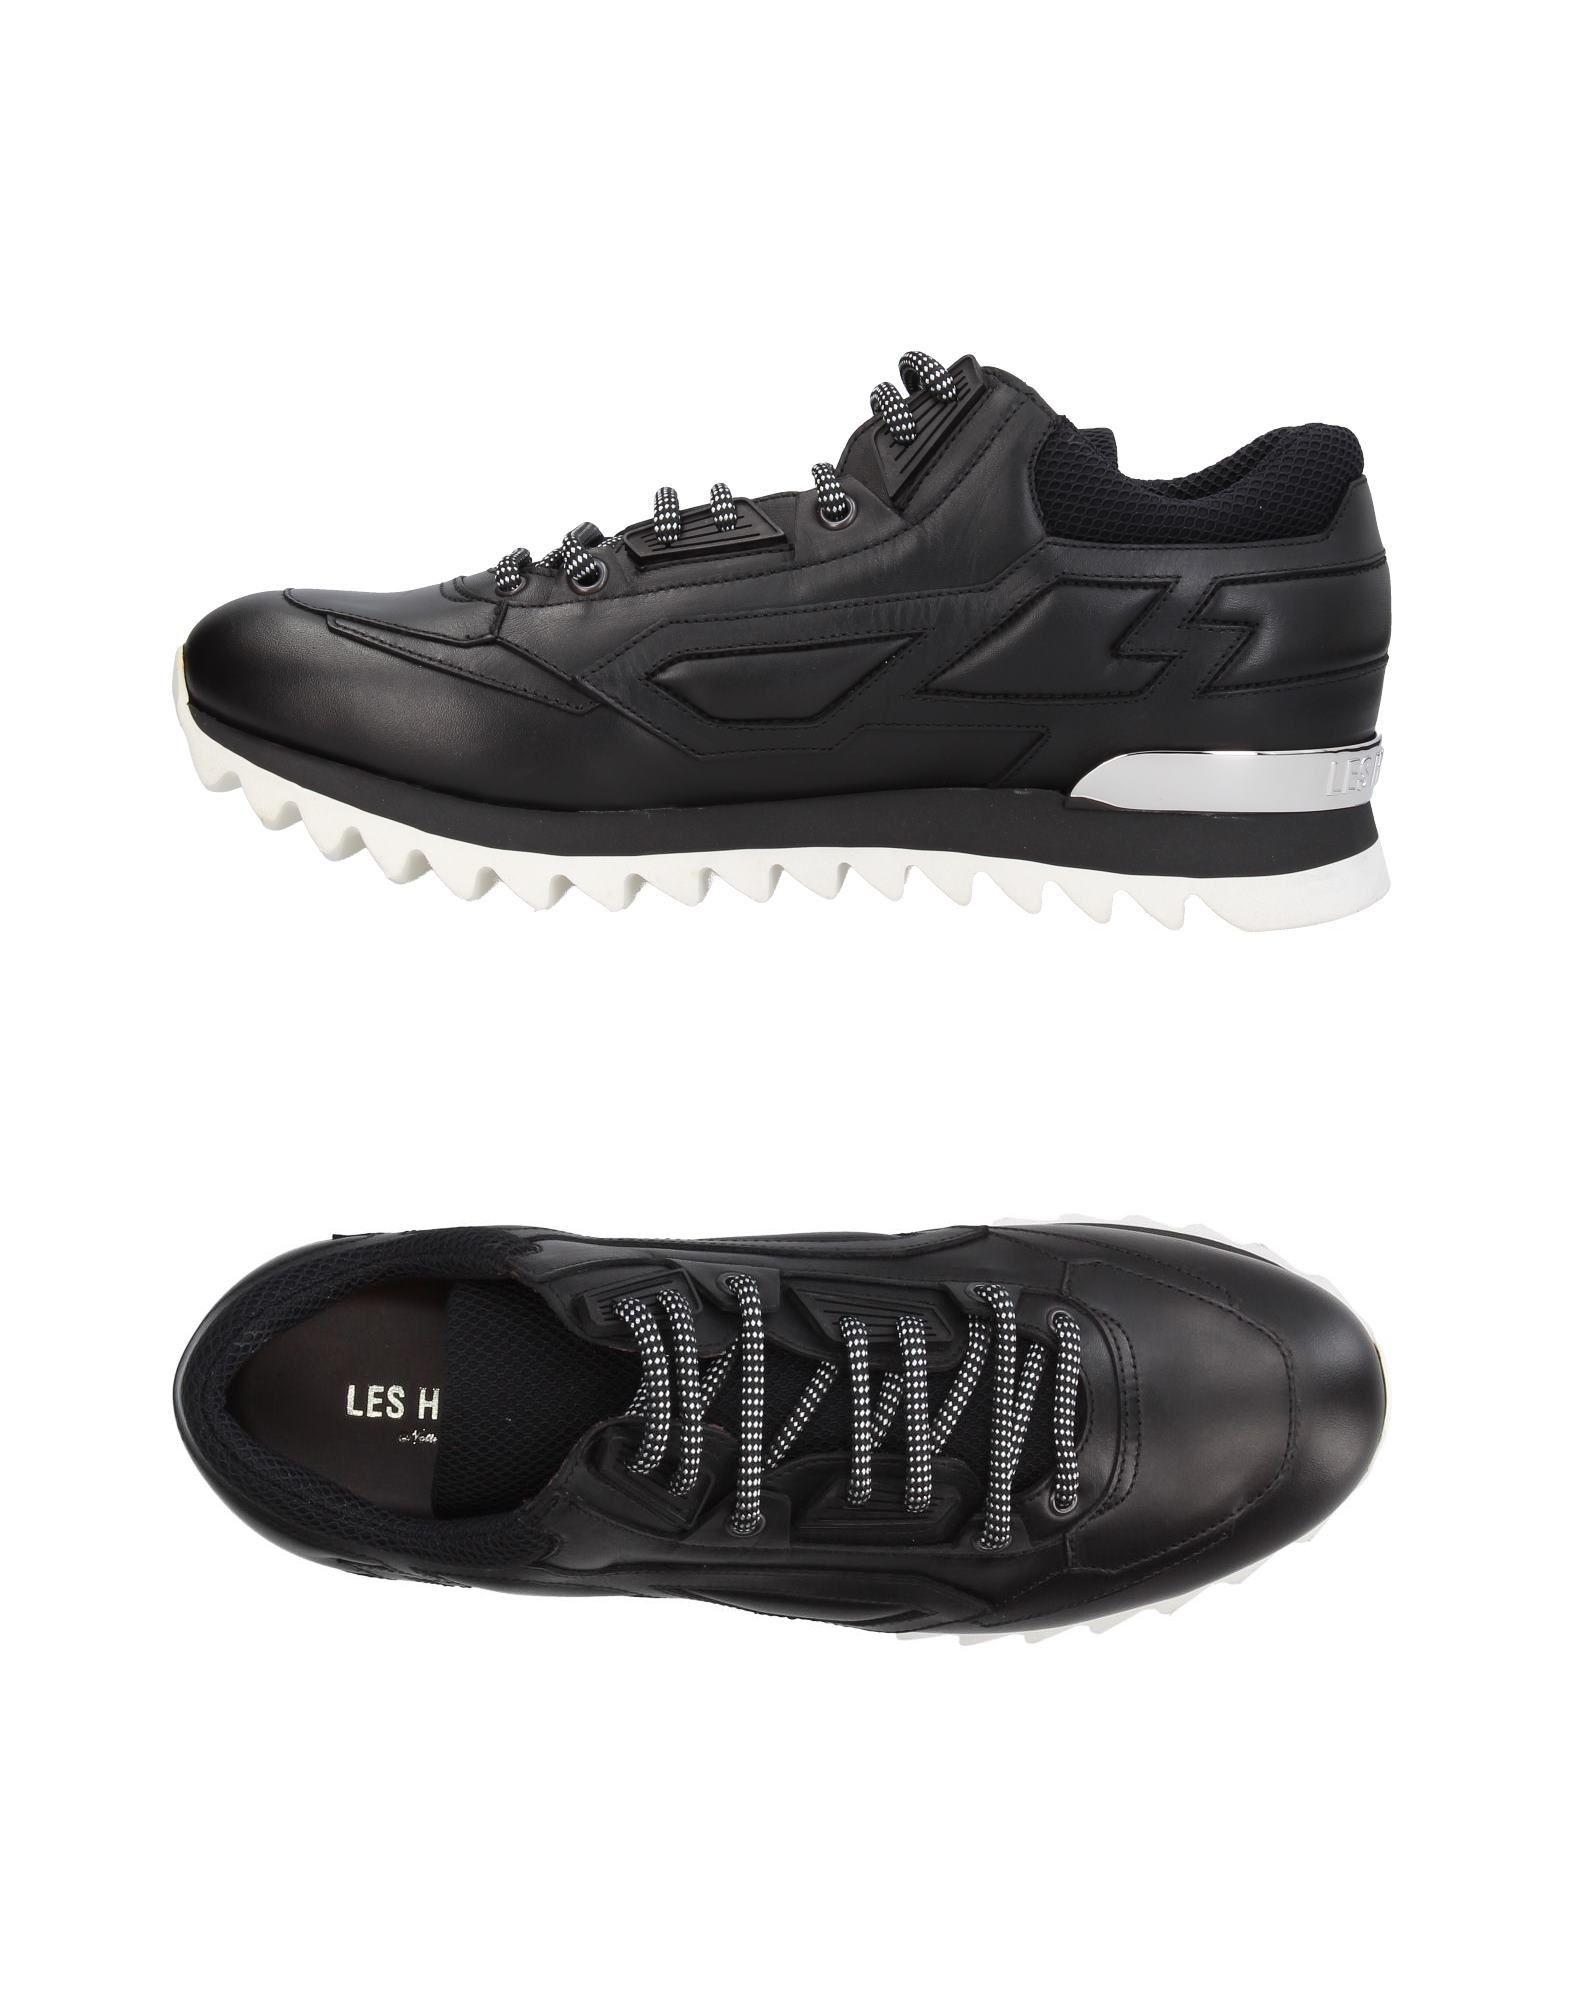 LES HOMMES Herren Low Sneakers & Tennisschuhe Farbe Schwarz Größe 9 jetzt billiger kaufen